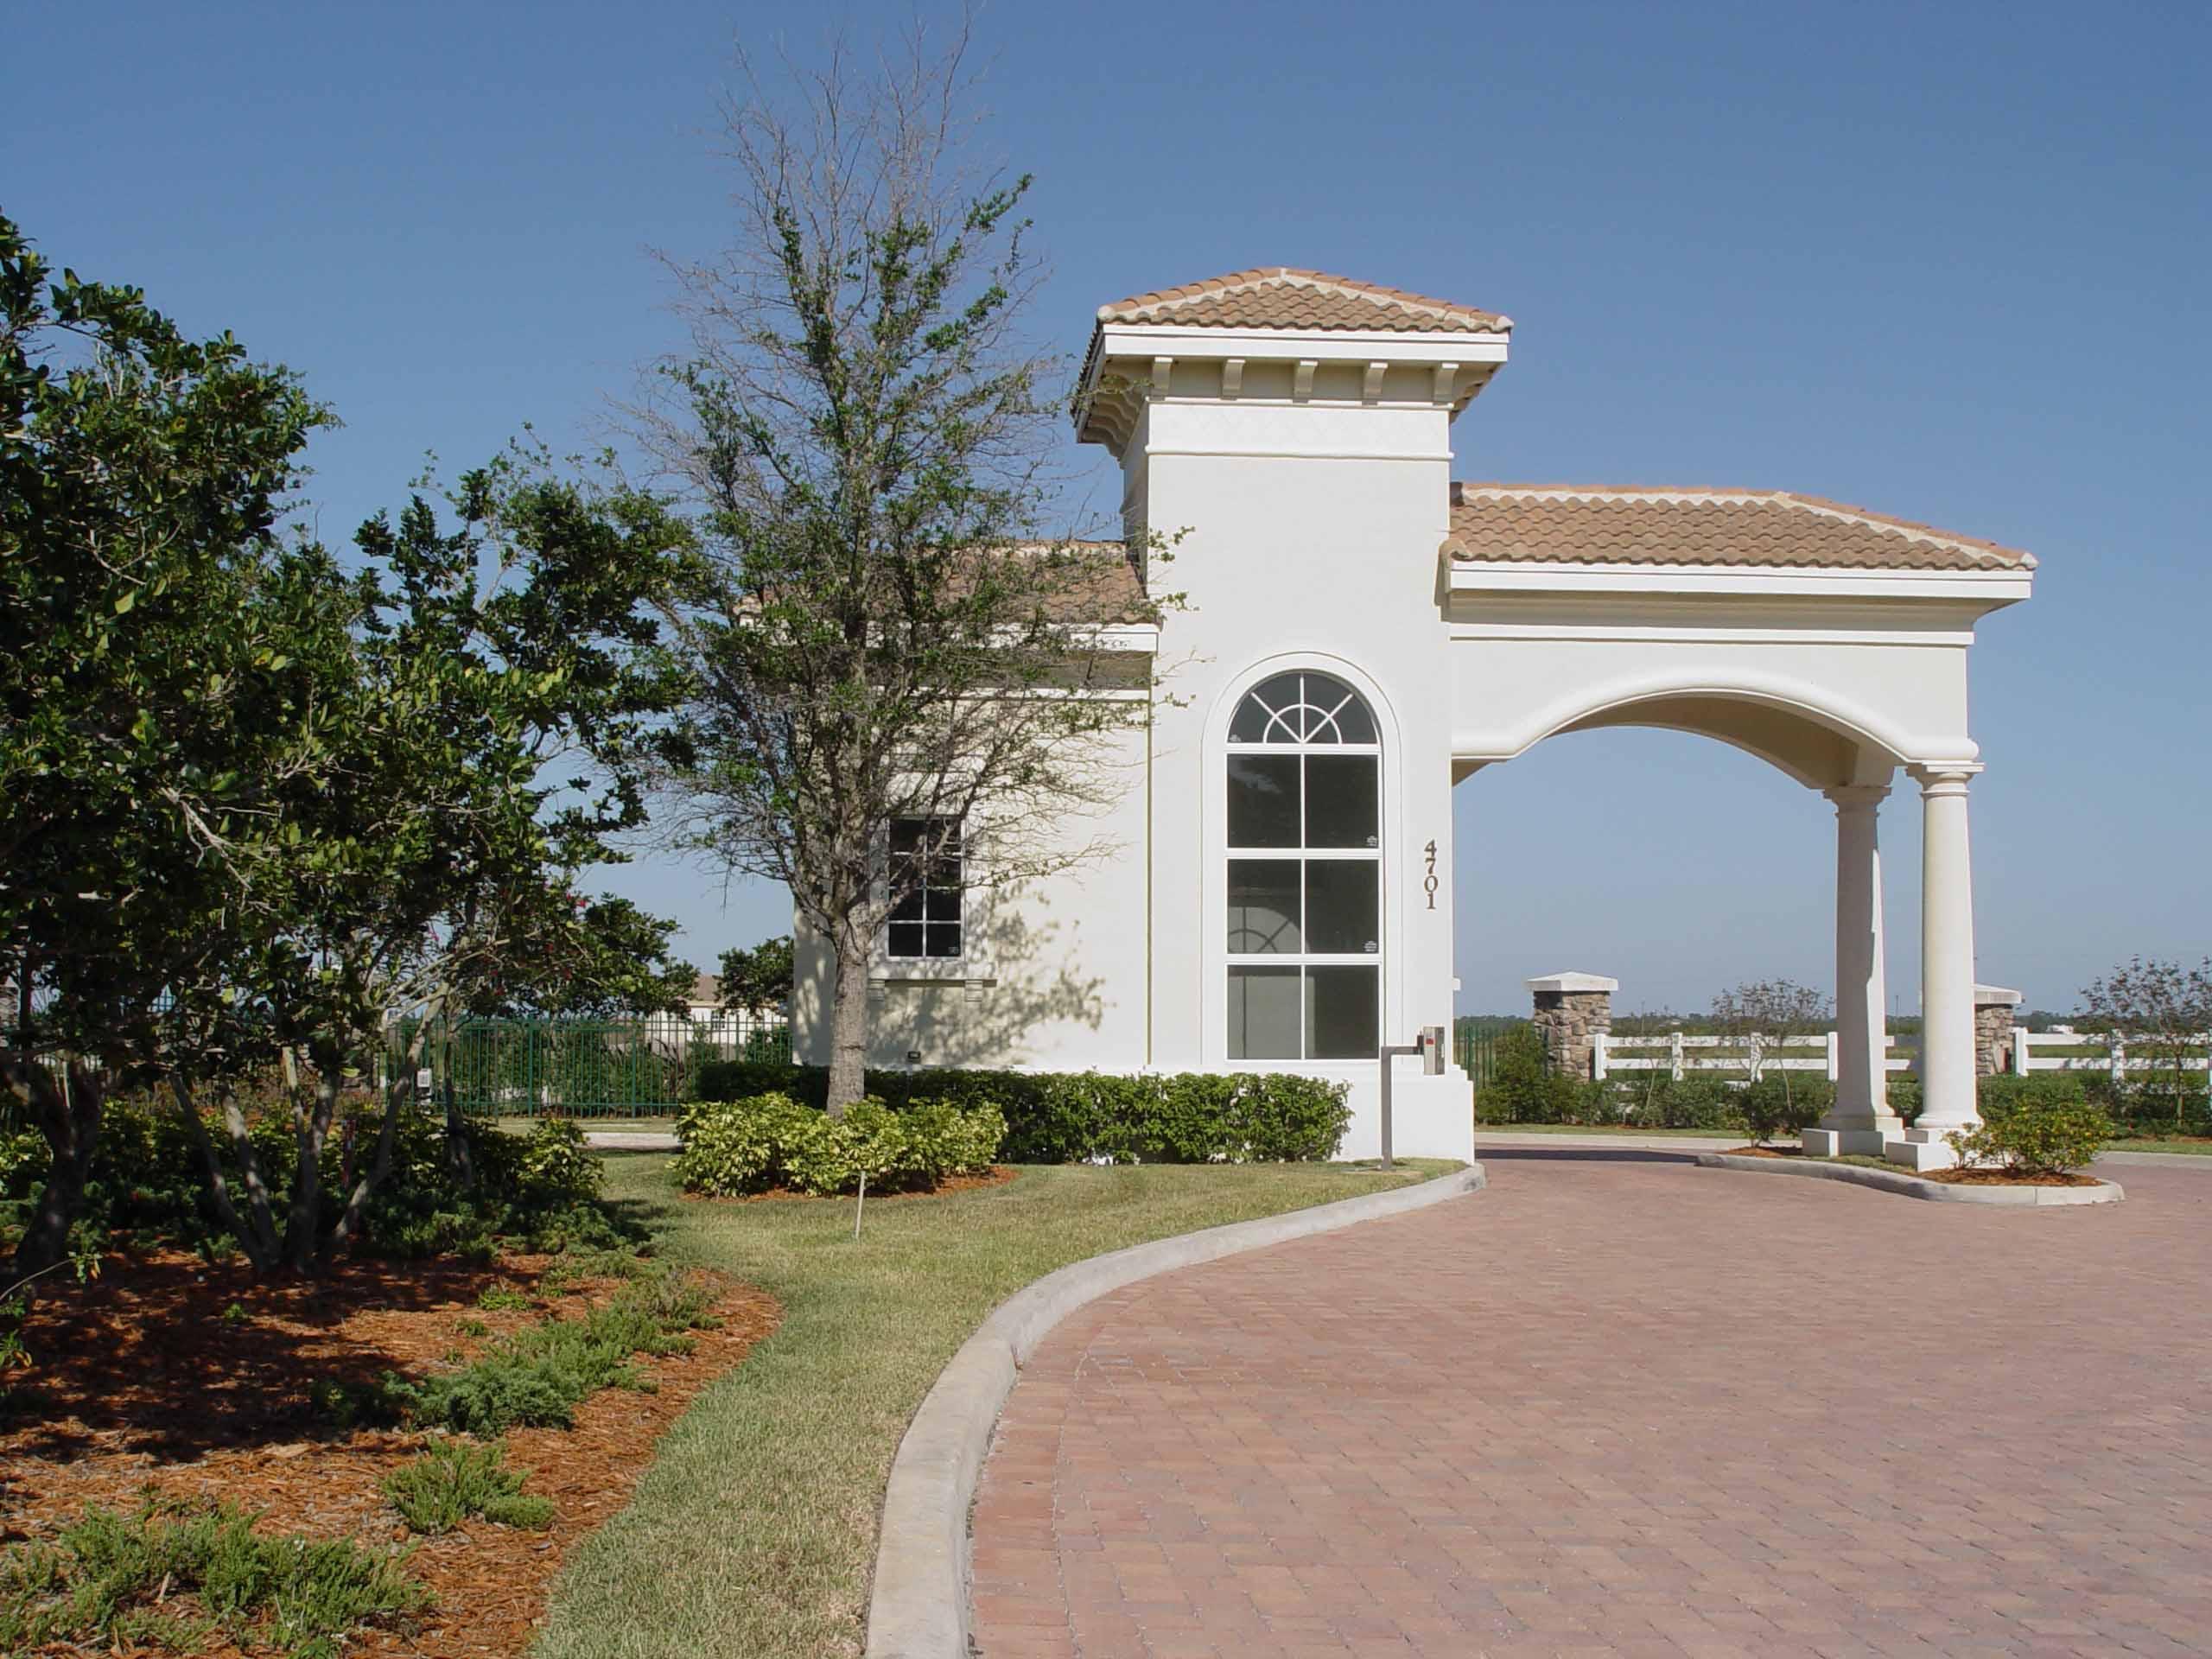 3280 Sw Briarbrook Way, Palm City, FL 34990